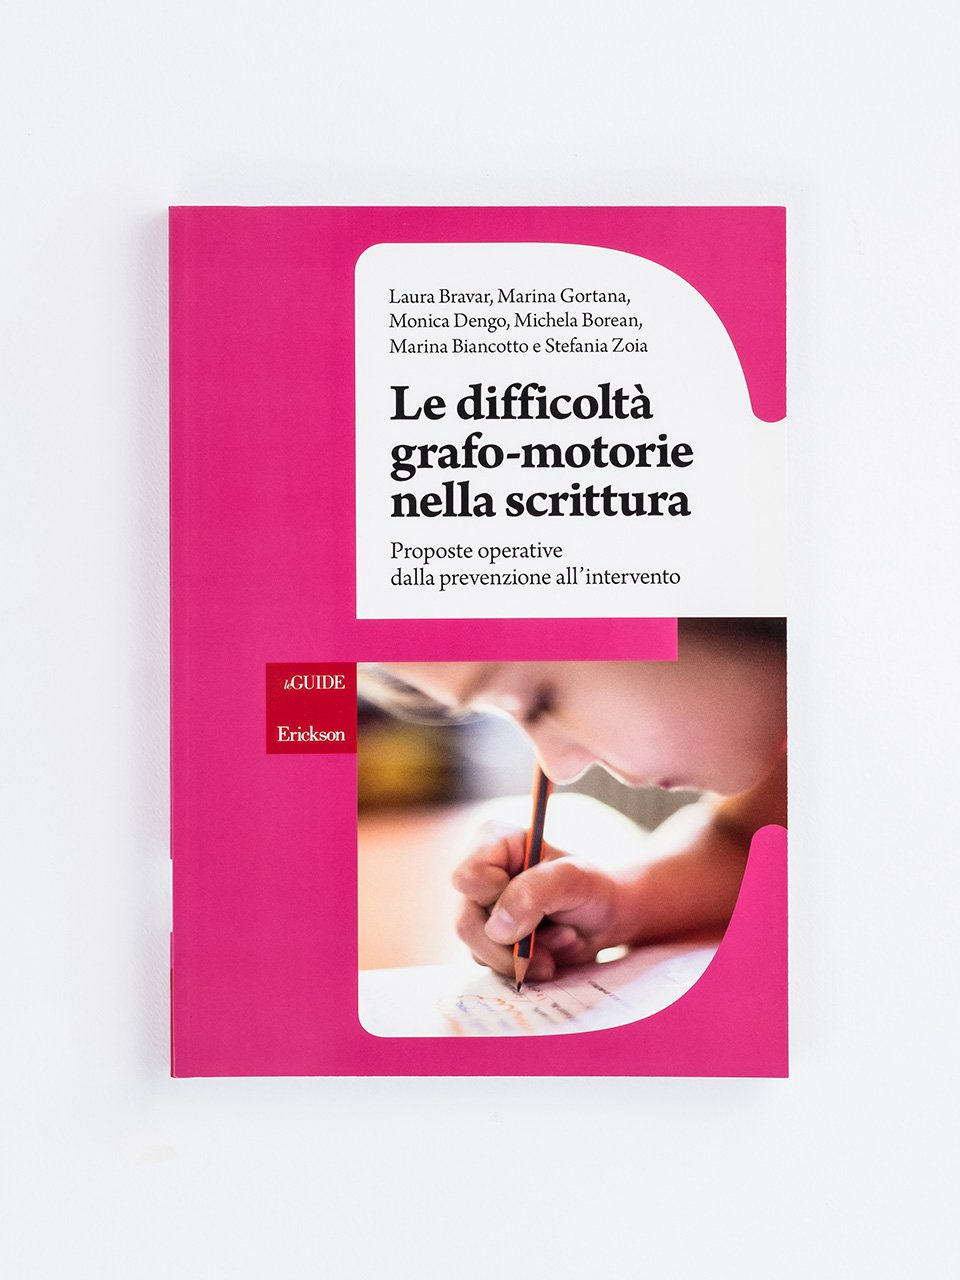 Le difficoltà grafo-motorie nella scrittura - Il Programma Dream in Malawi - Libri - Erickson